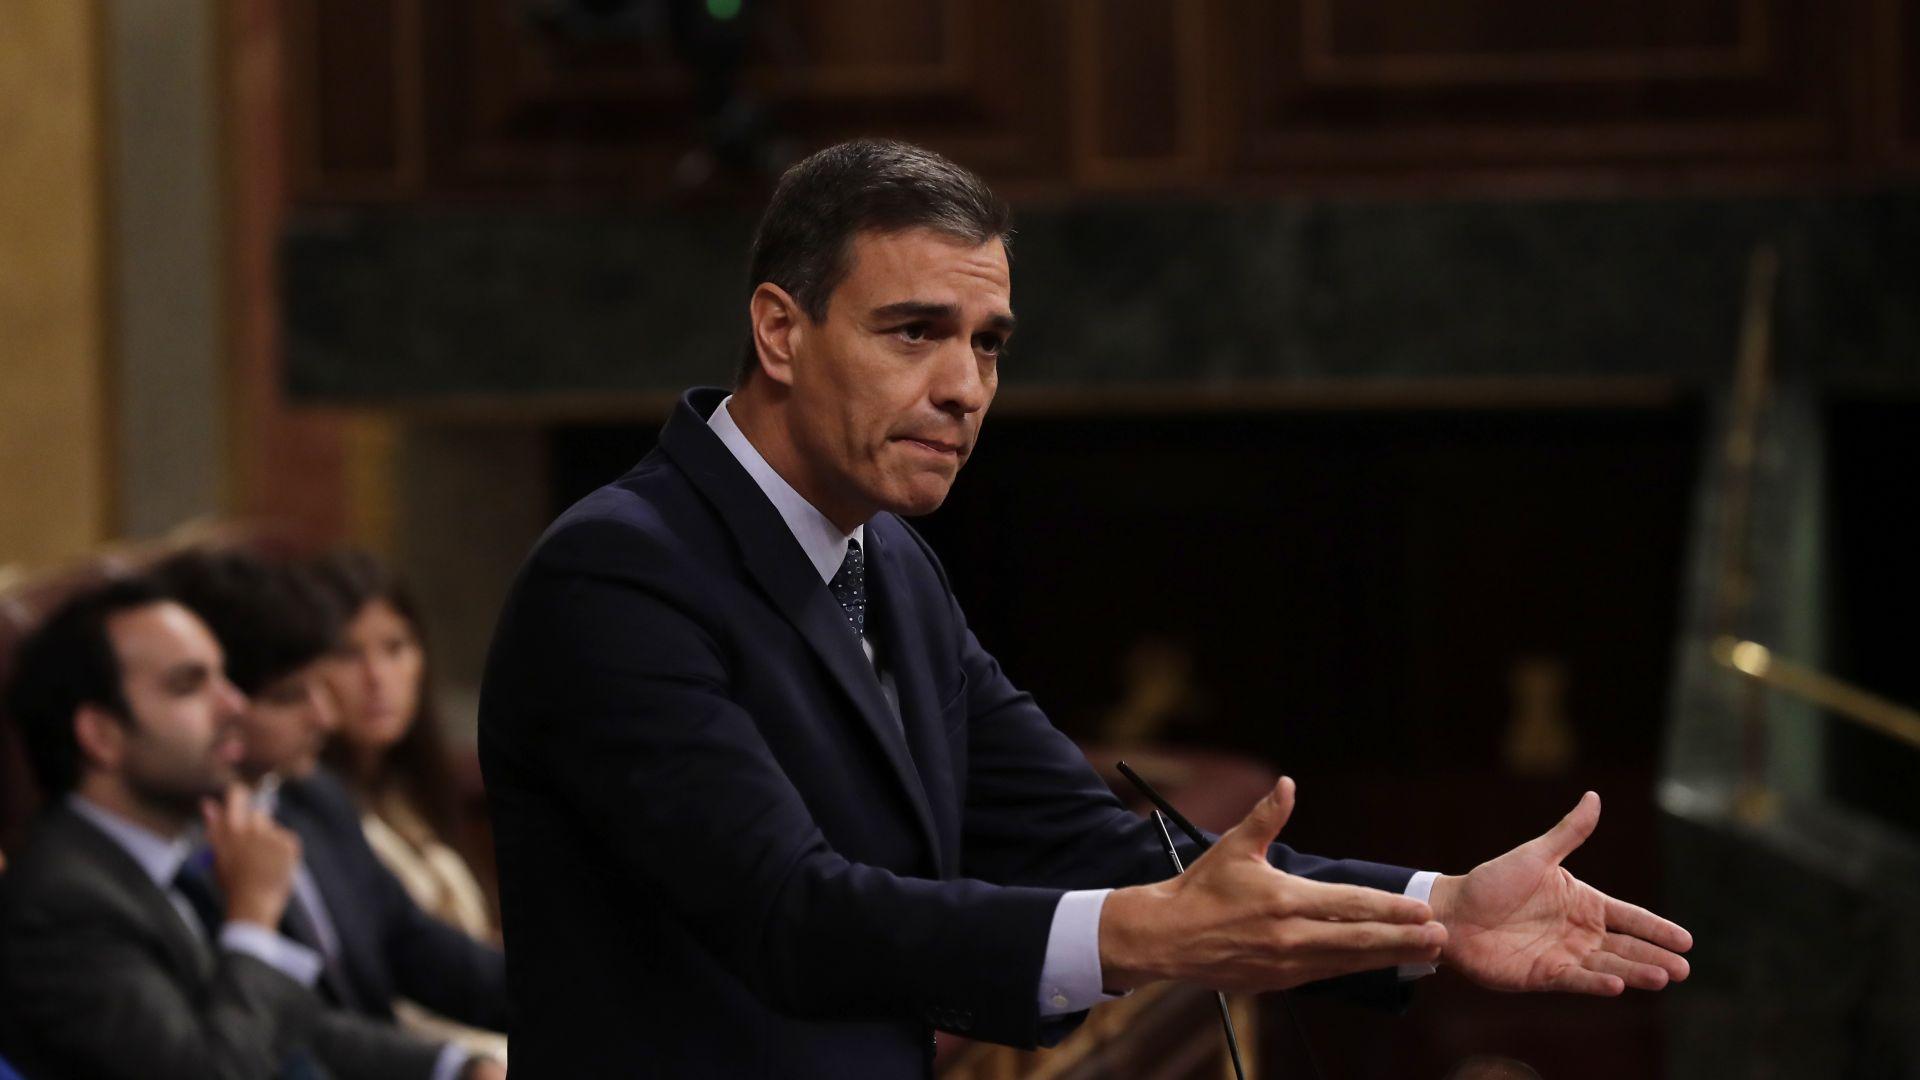 Педро Санчес не получи подкрепа за съставяне на ново испанско правителство